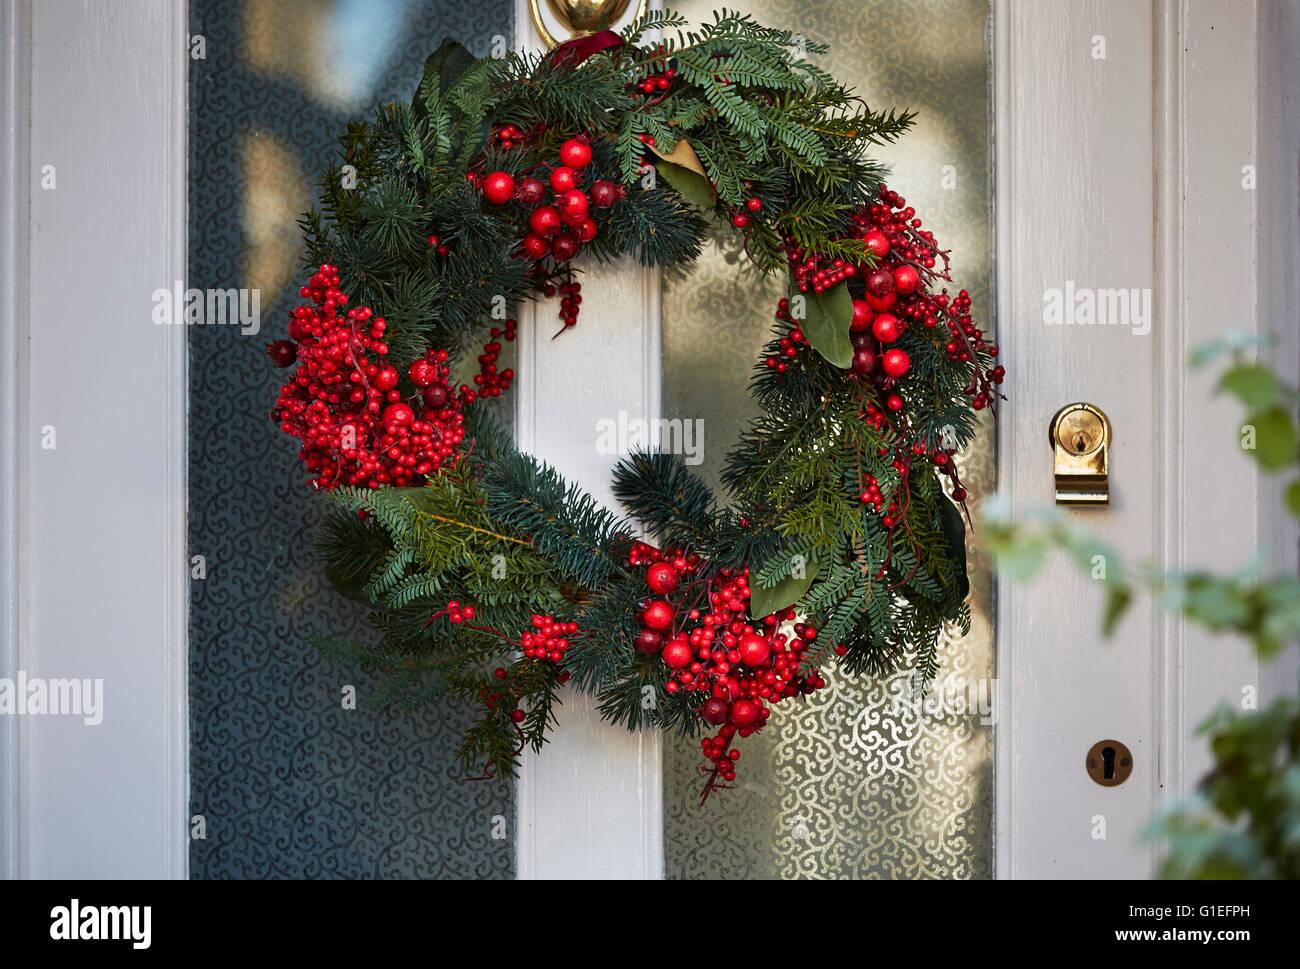 Guirlande de Noël sur la porte. Photo Stock